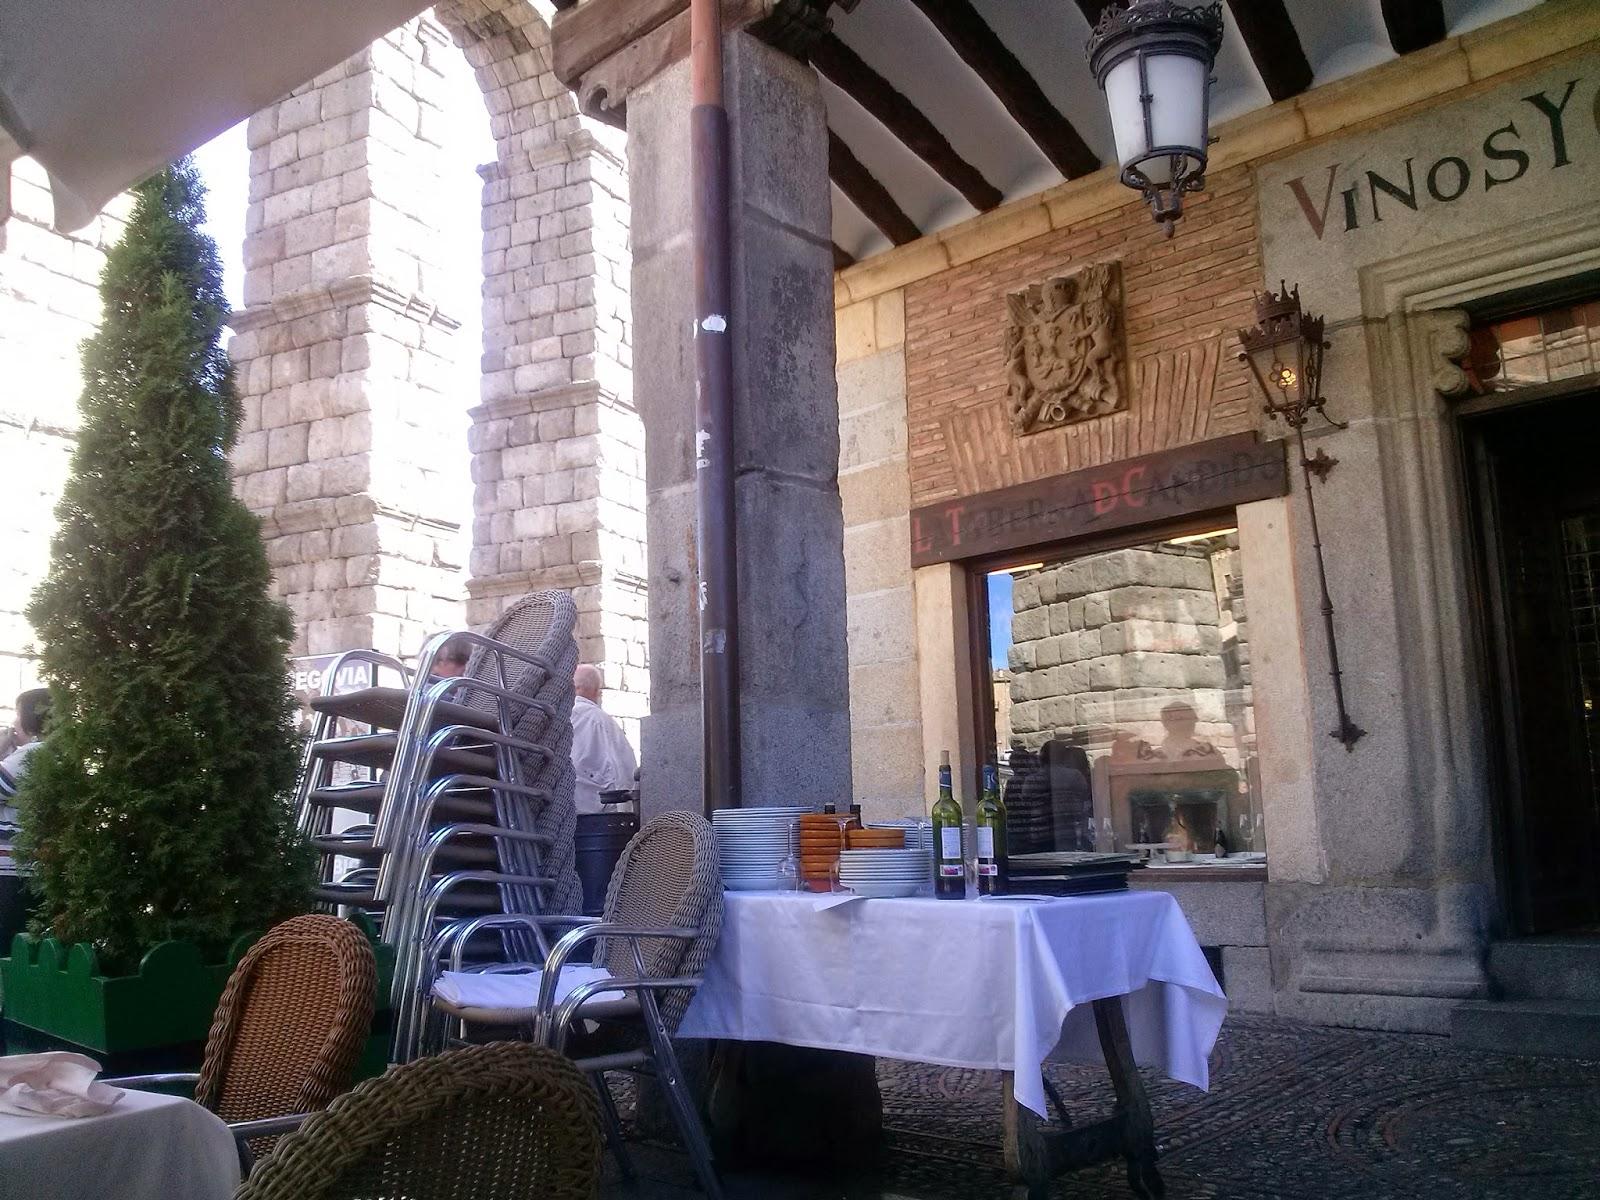 Meson de candido restaurante en Segovia